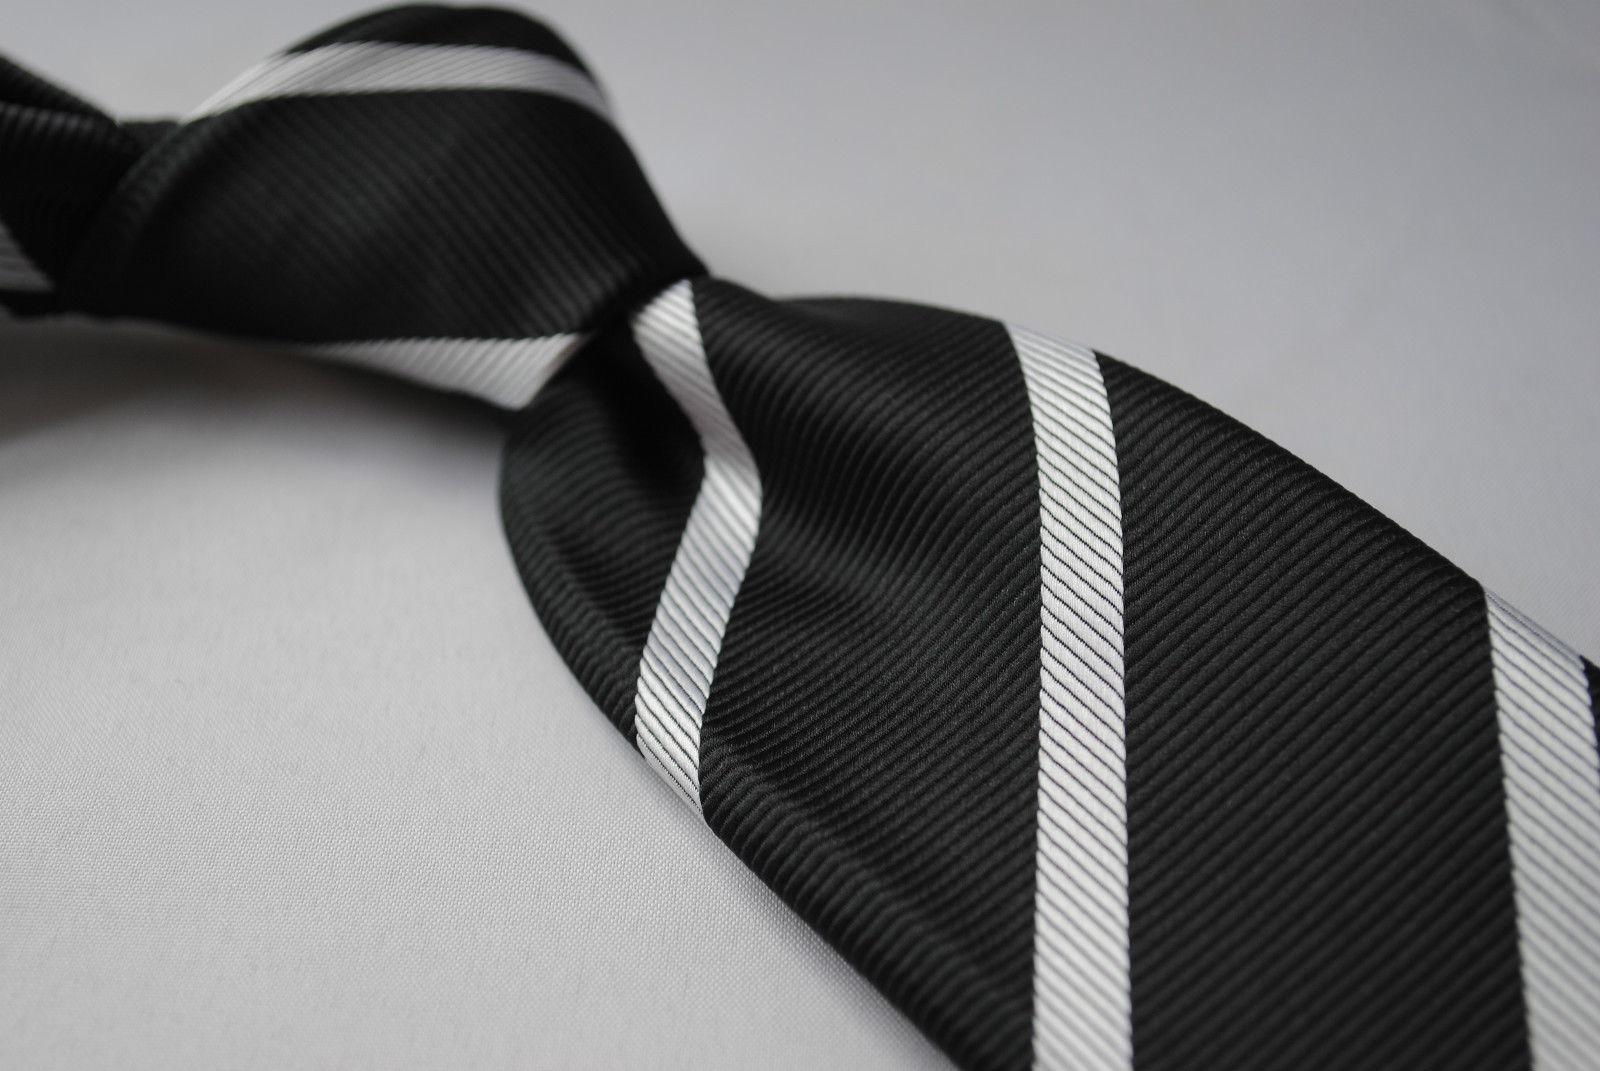 Frederick Thomas schwarz und weiß Verein gestreifte Herren Krawatte ft753